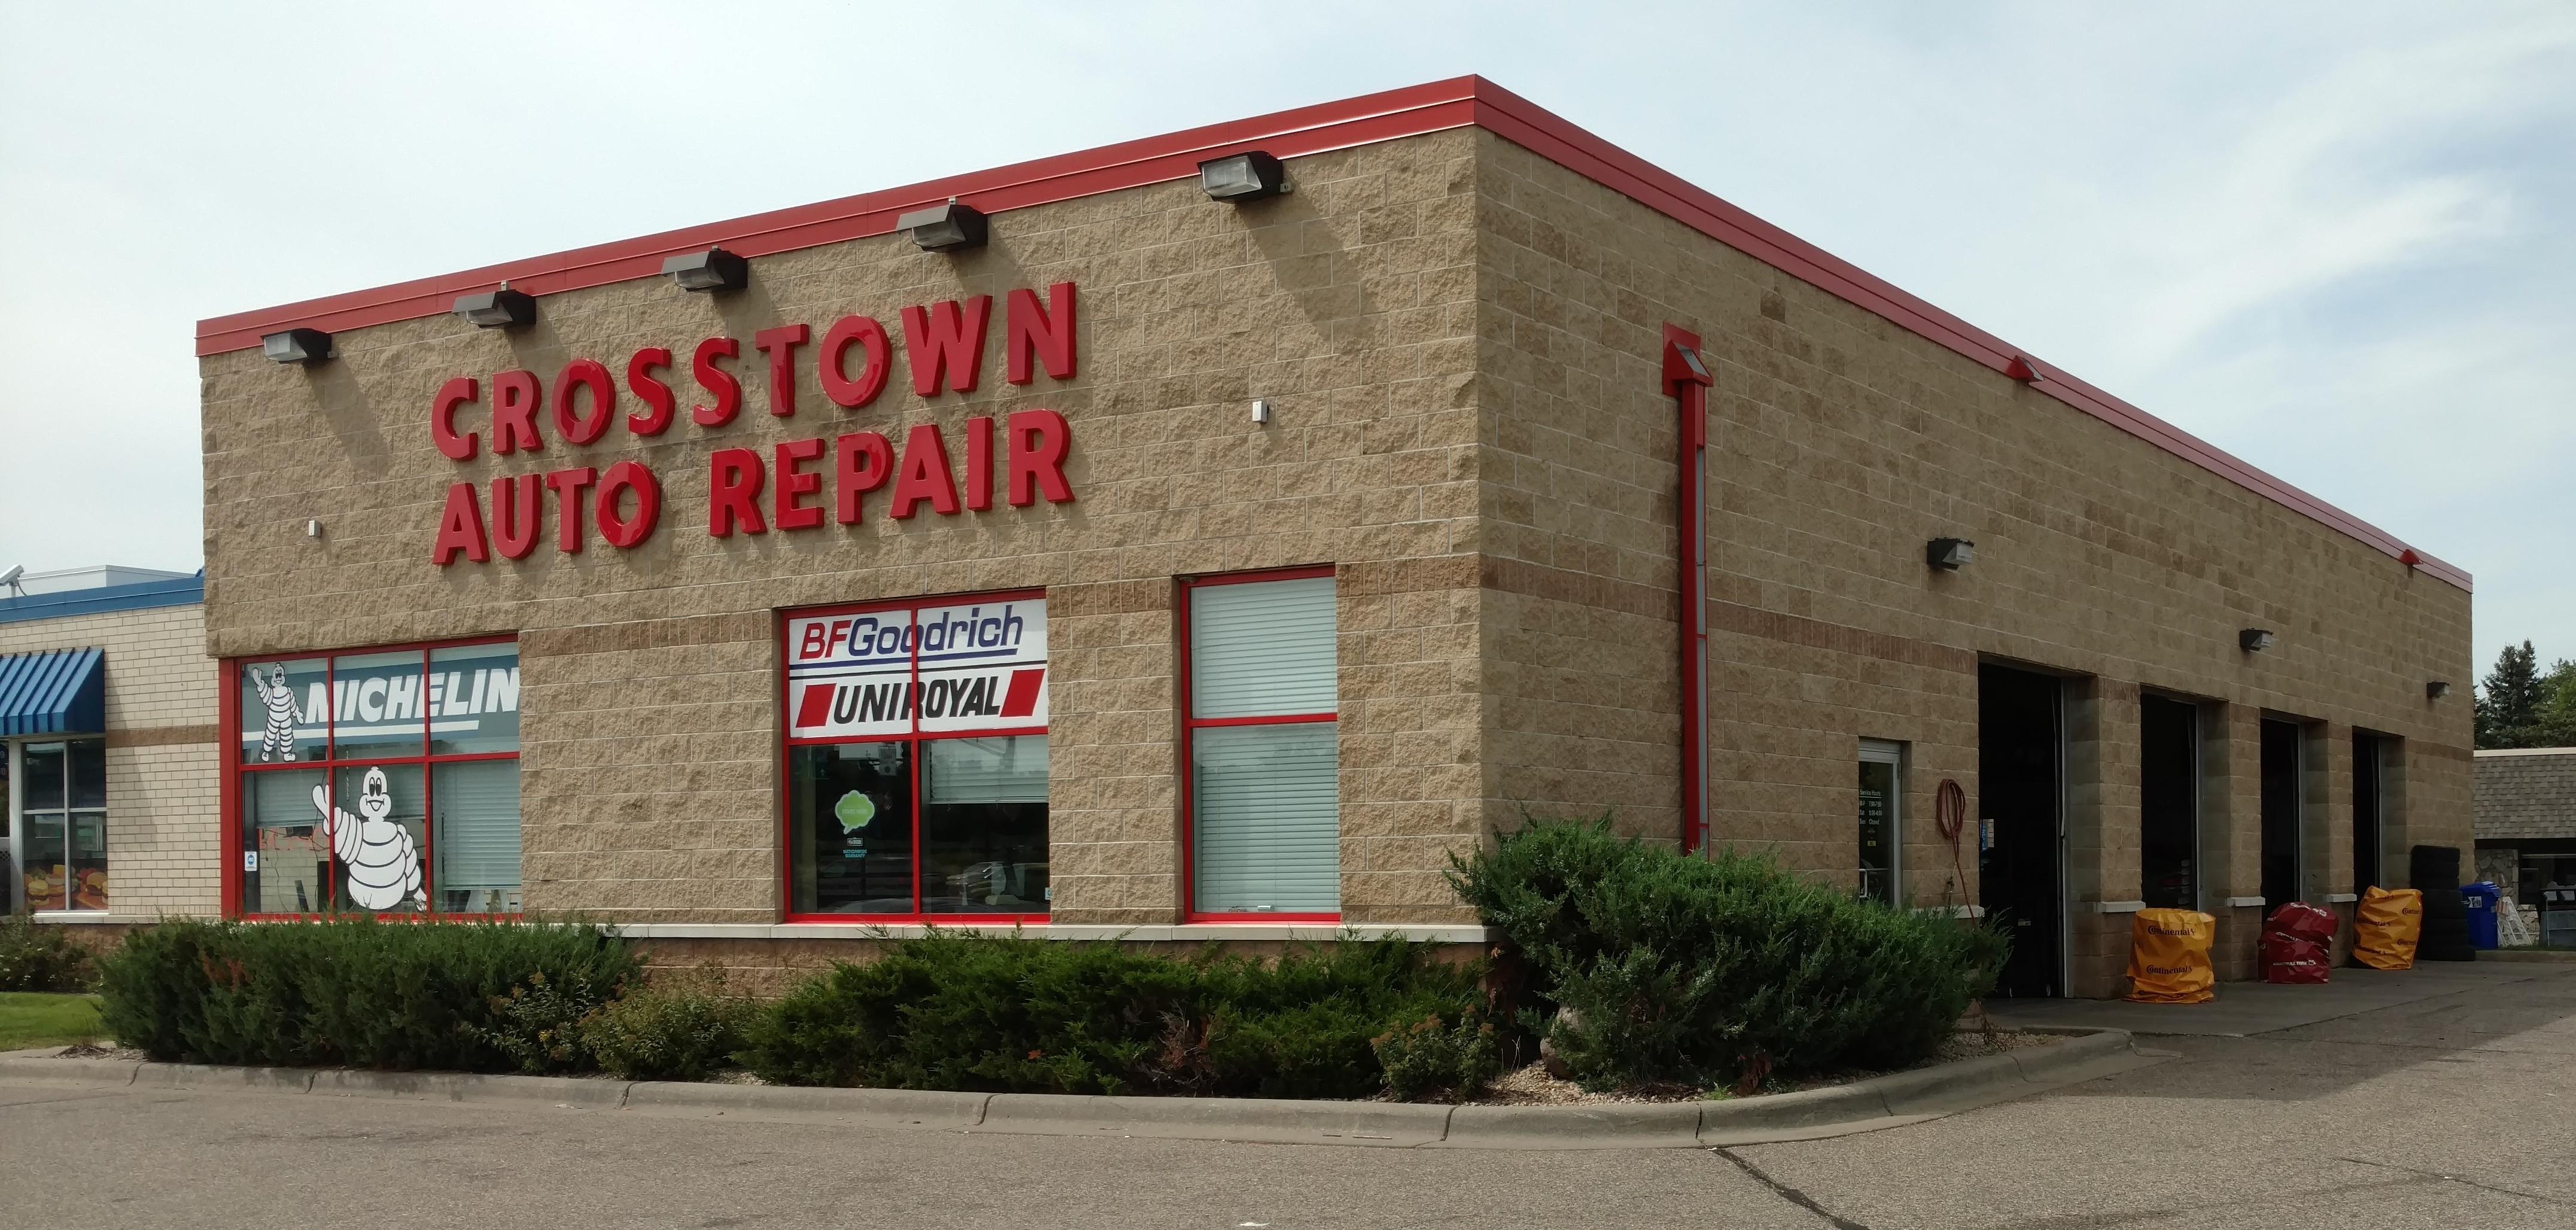 Crosstown auto repair in burnsville mn 55337 for Burnsville motors sales service burnsville mn